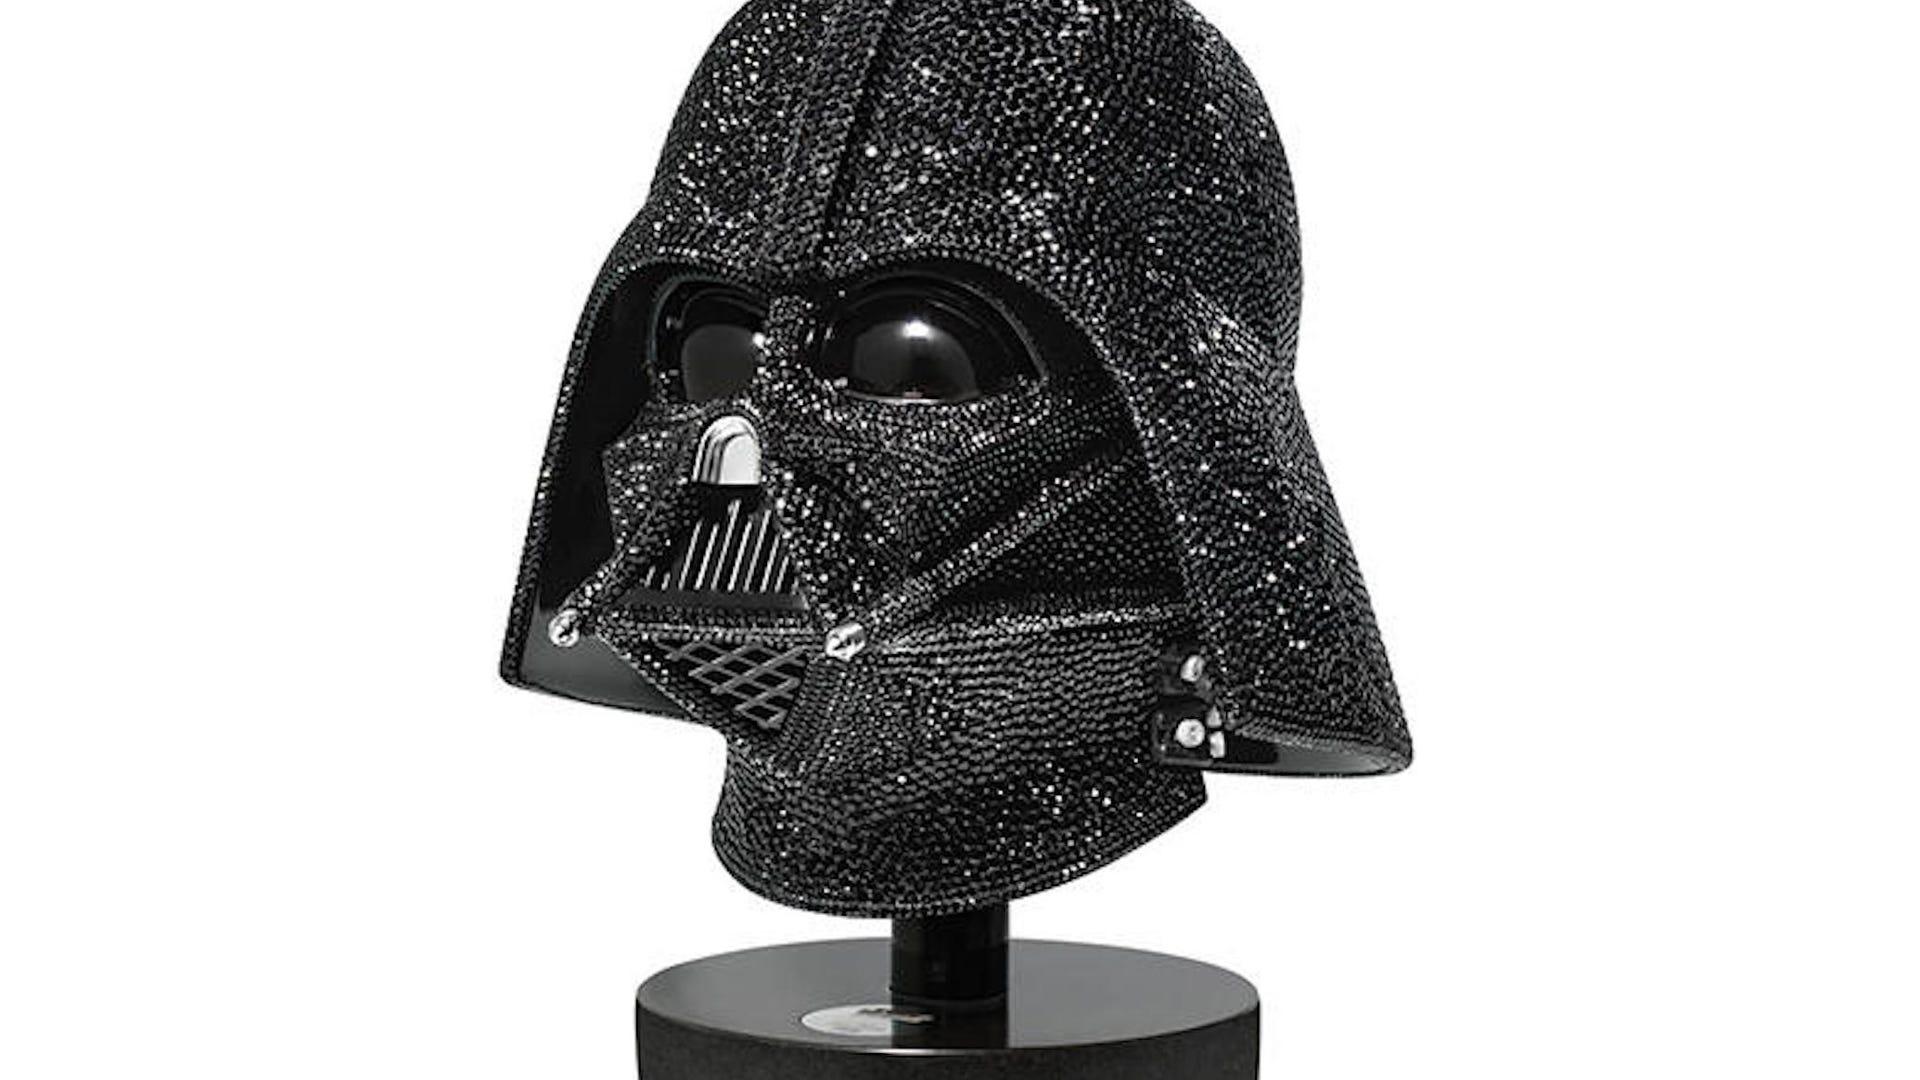 Darth Vader Swarovski crystal helmet